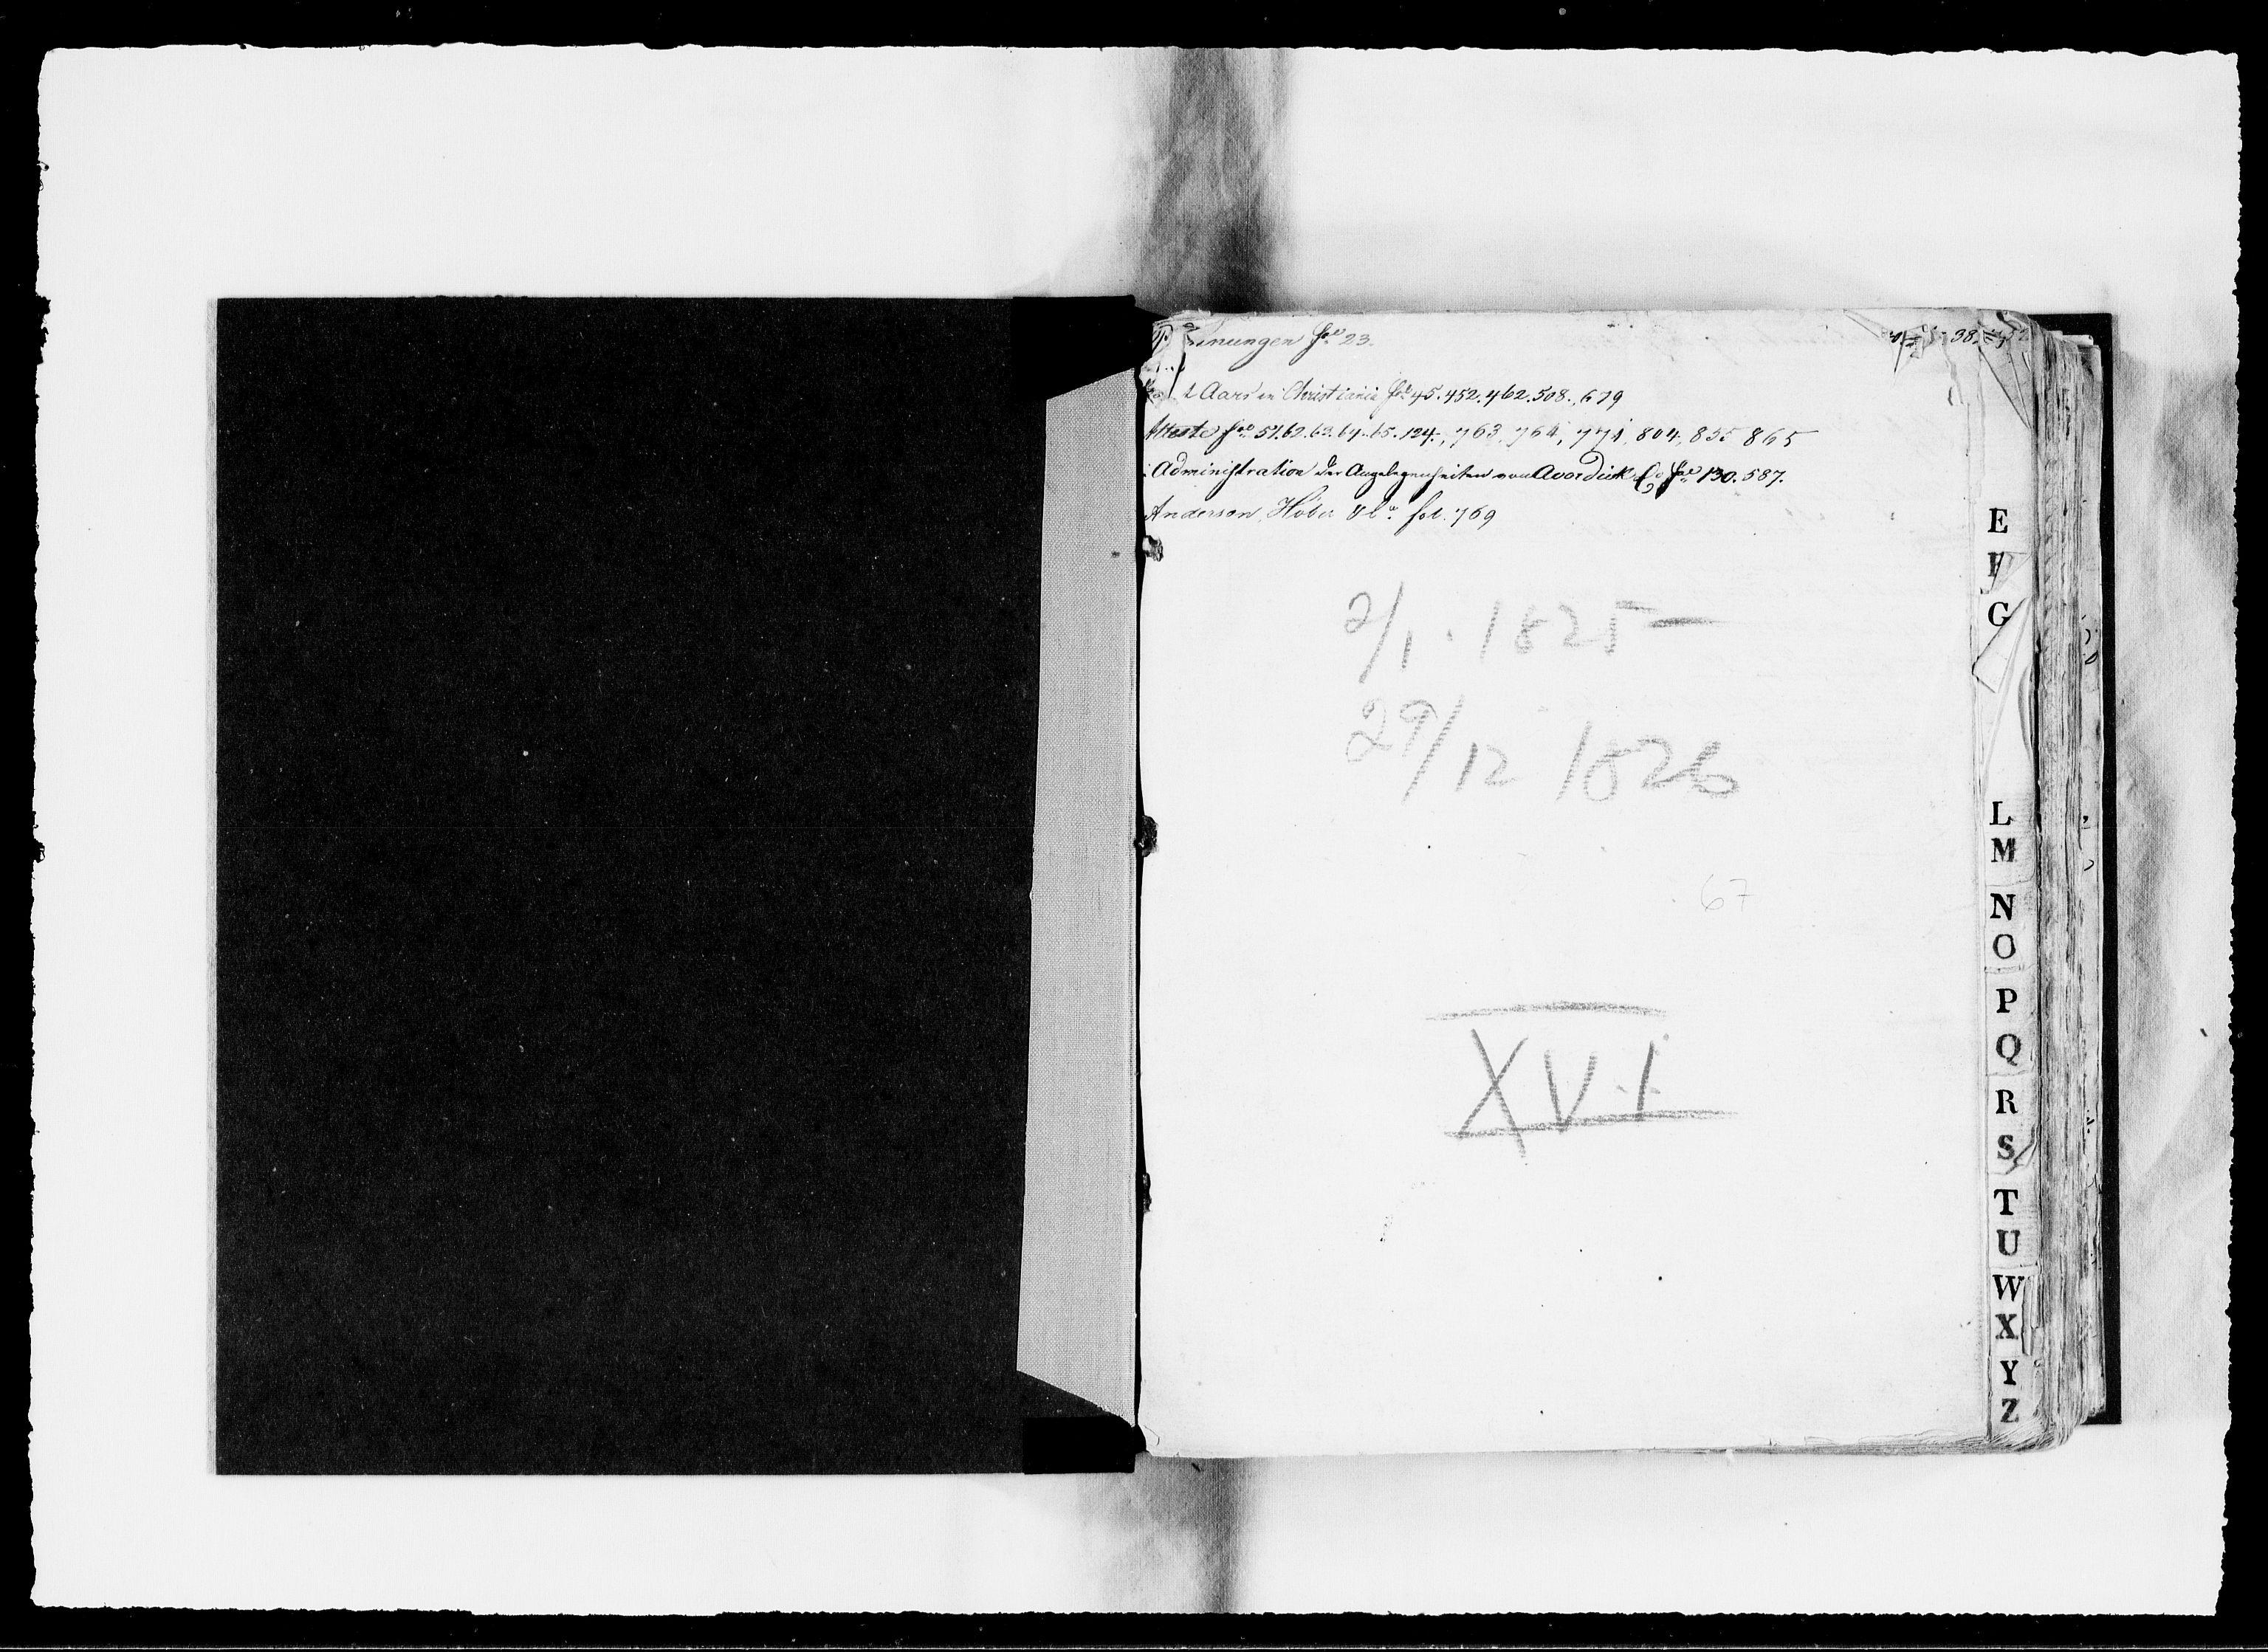 RA, Modums Blaafarveværk, G/Gb/L0067, 1825-1826, s. 2